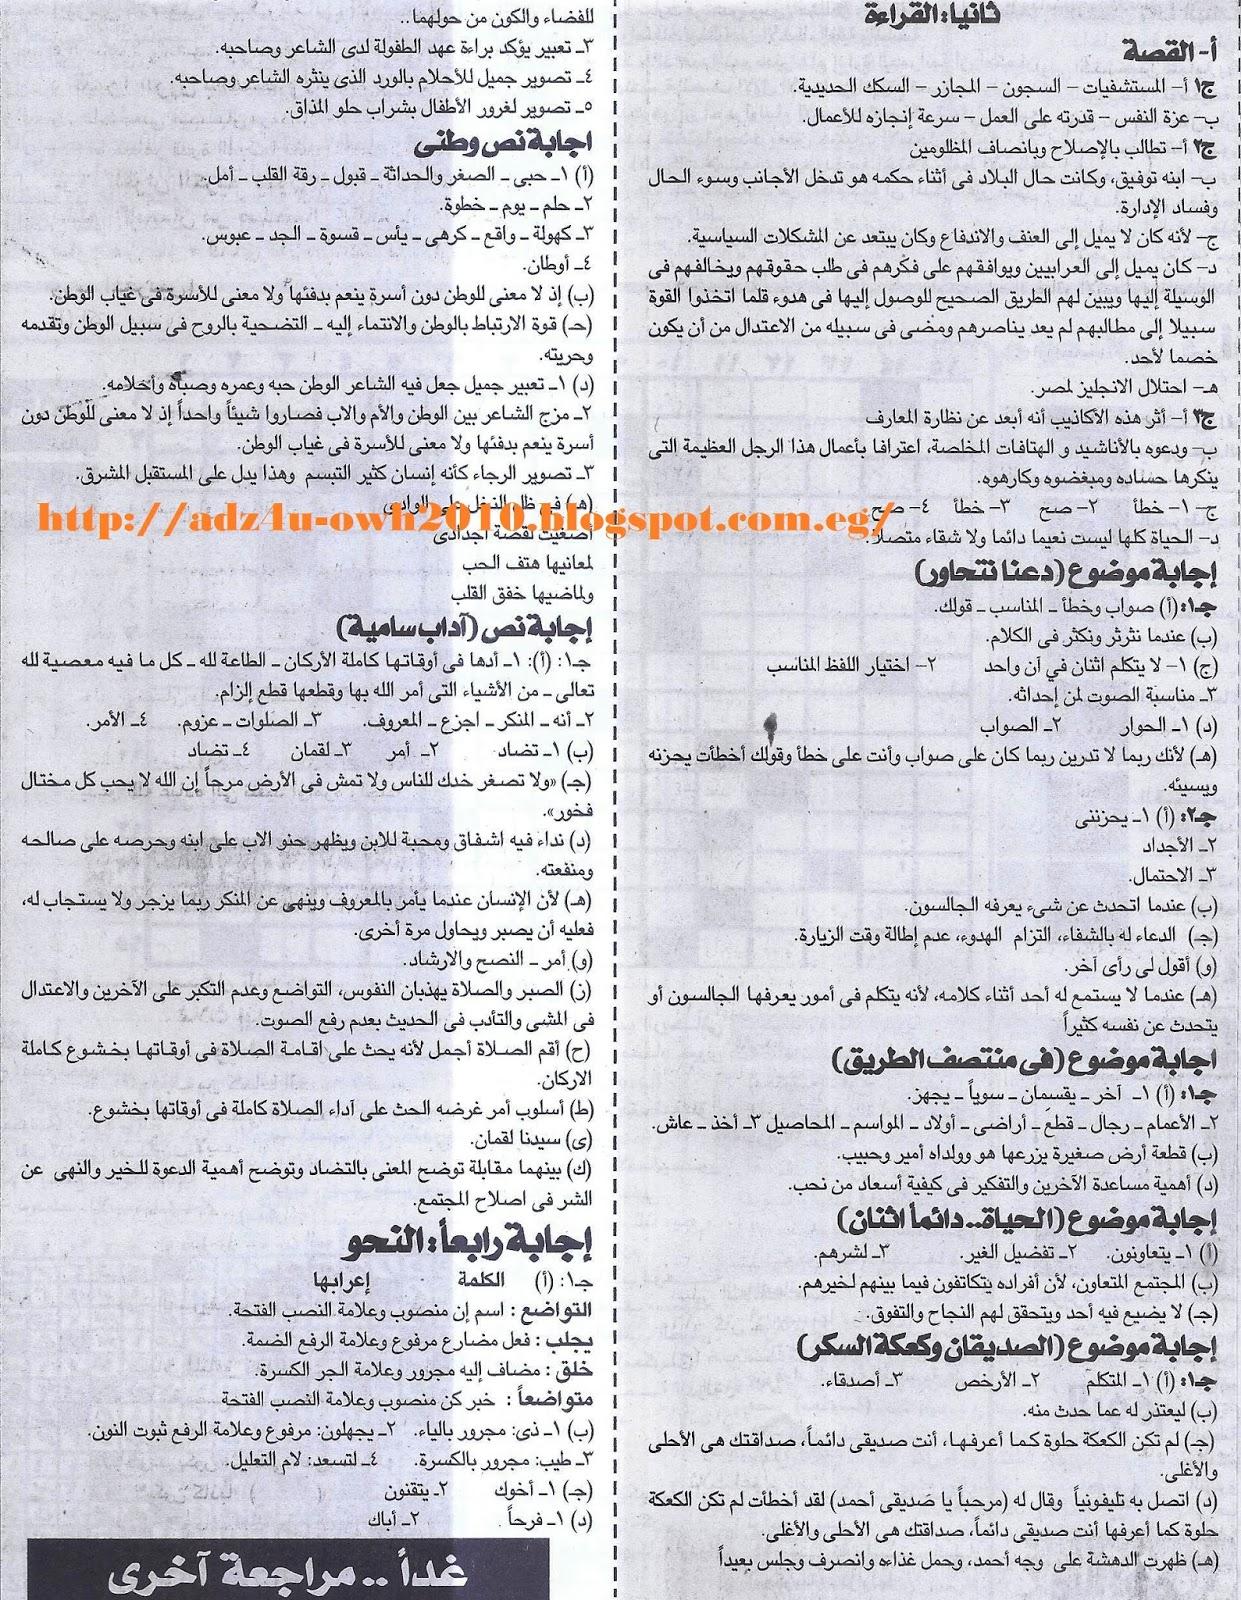 مراجعة لغة عربية مهمة للصف السادس الابتدائي ترم ثاني.. ملحق الجمهورية 2017 Scan0003